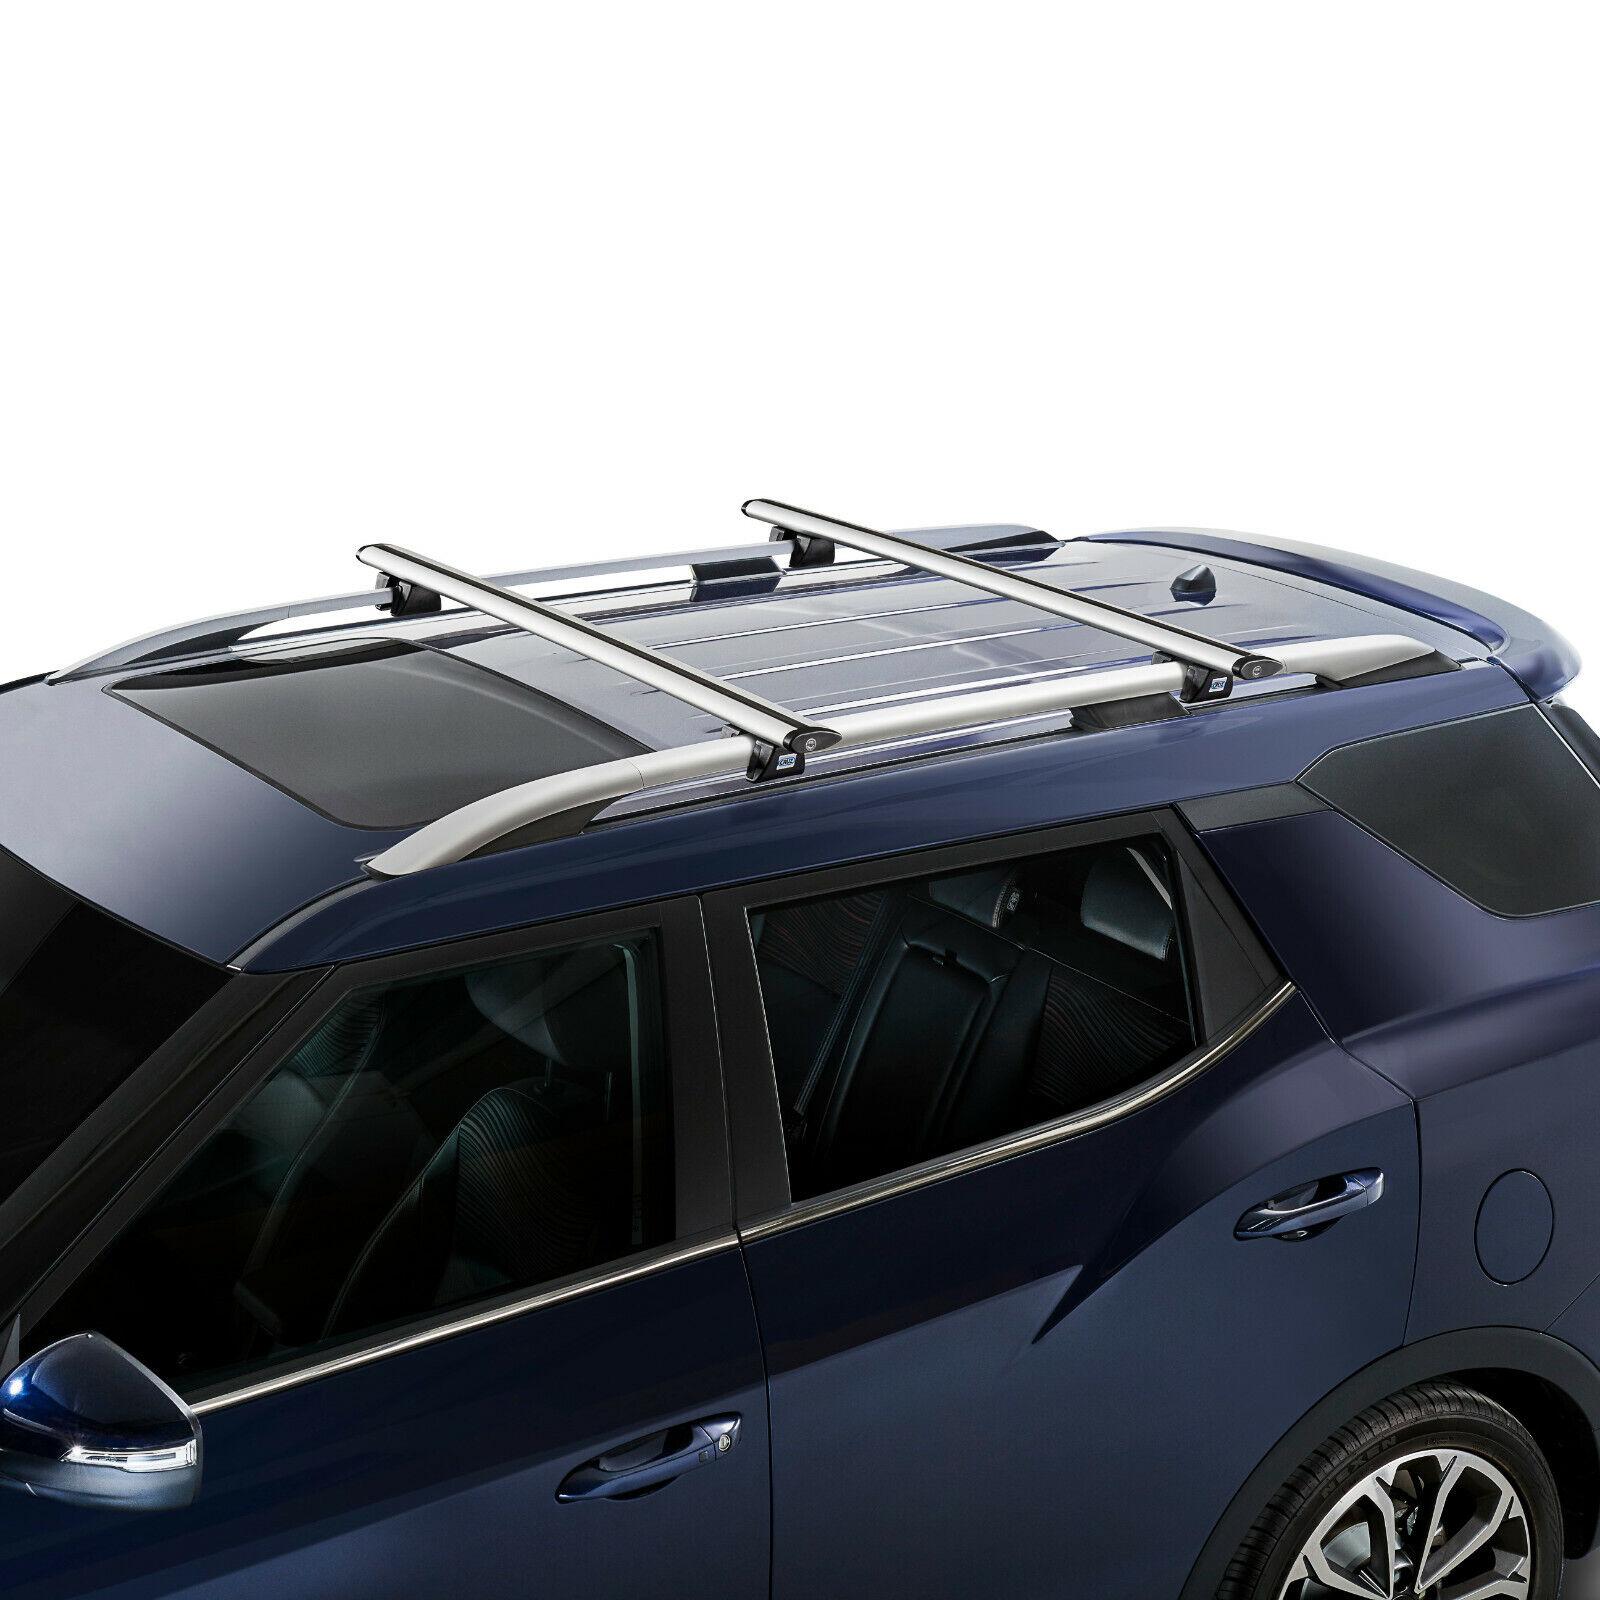 Dachträger CRUZ Airo Alu 2Träger für VW Caddy mit Dachreling Bj 2015